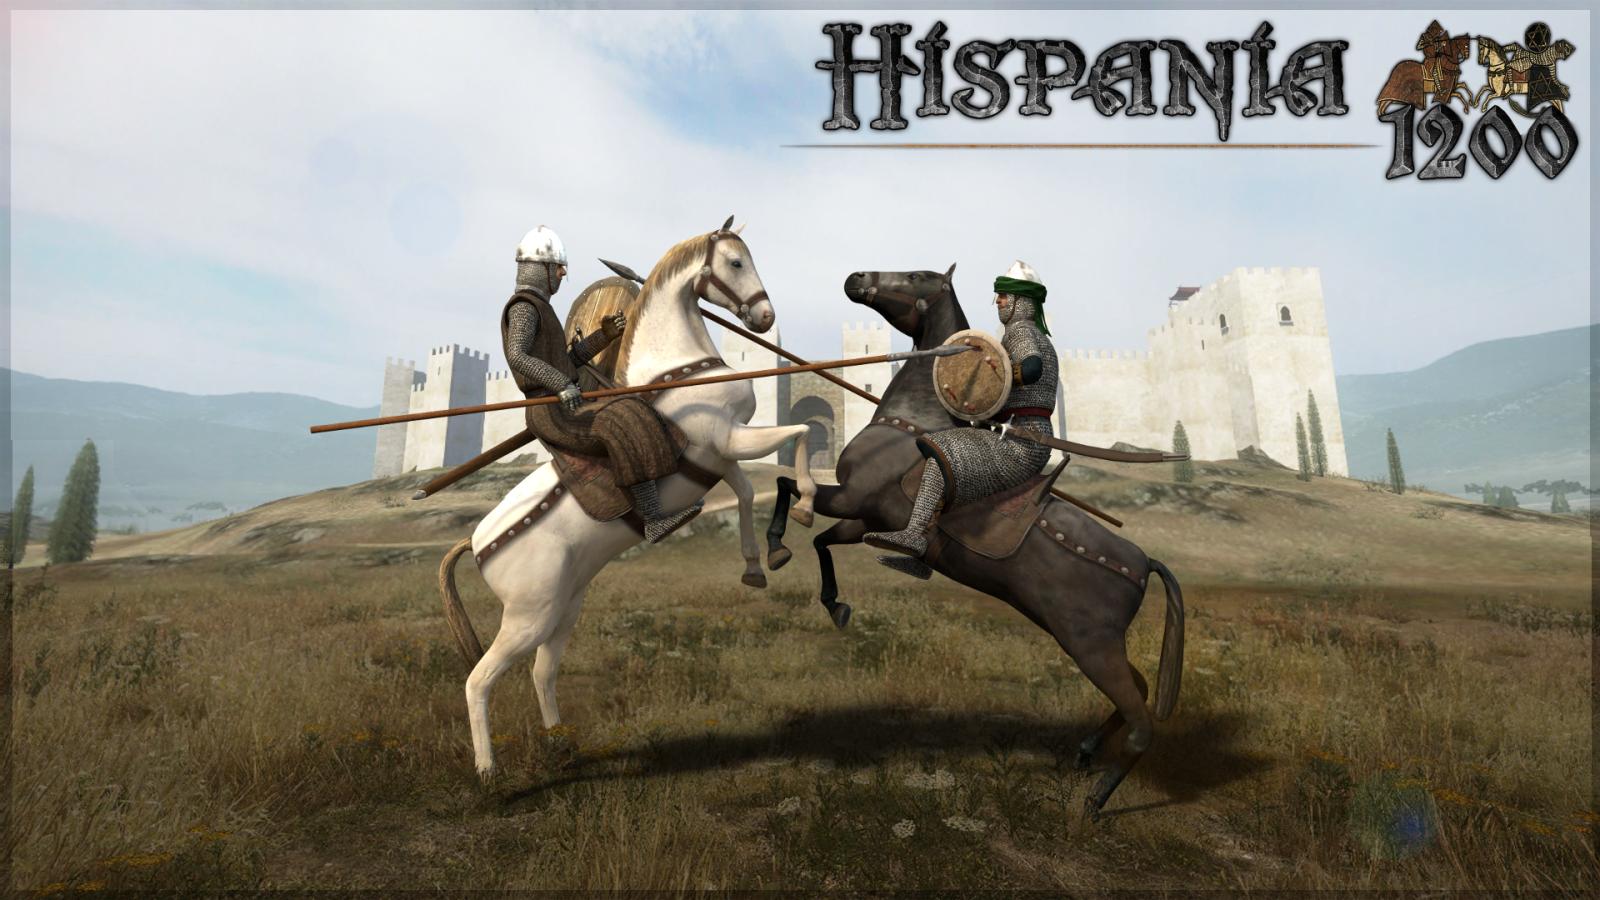 Hispania 1200 información y descarga  2e4fc7o_1